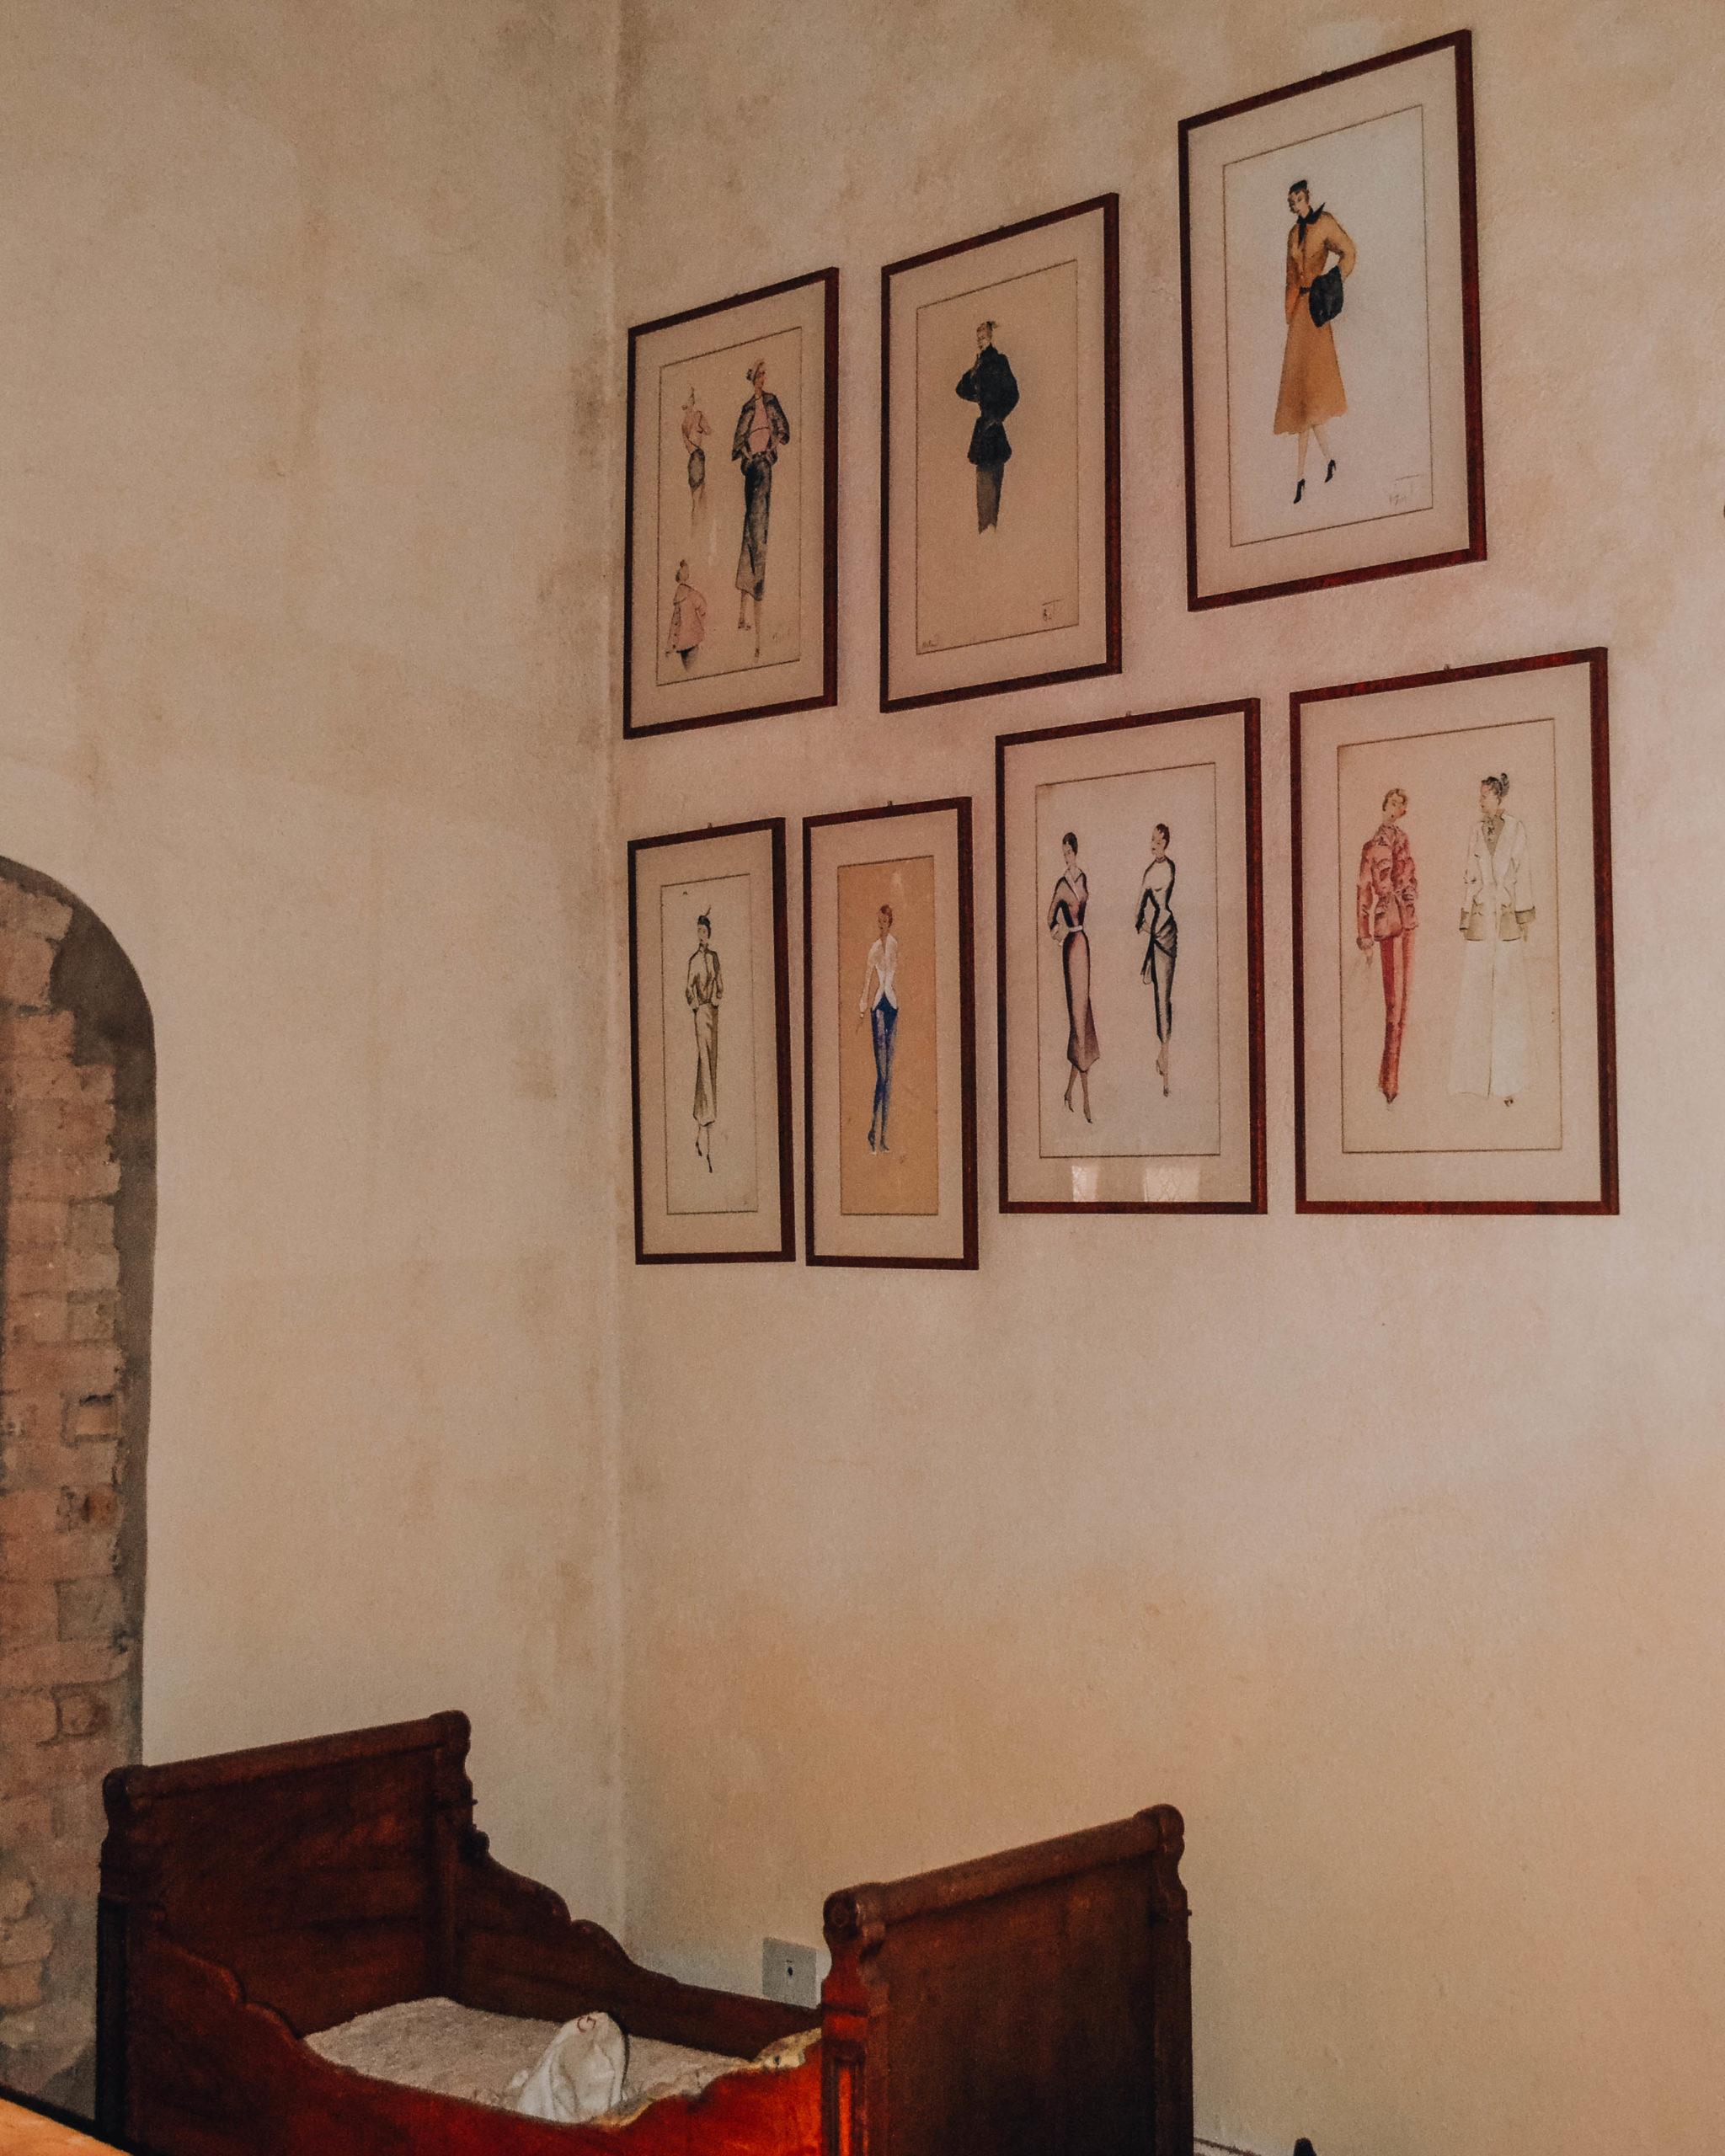 cornici con bozzetti appesi alla parete